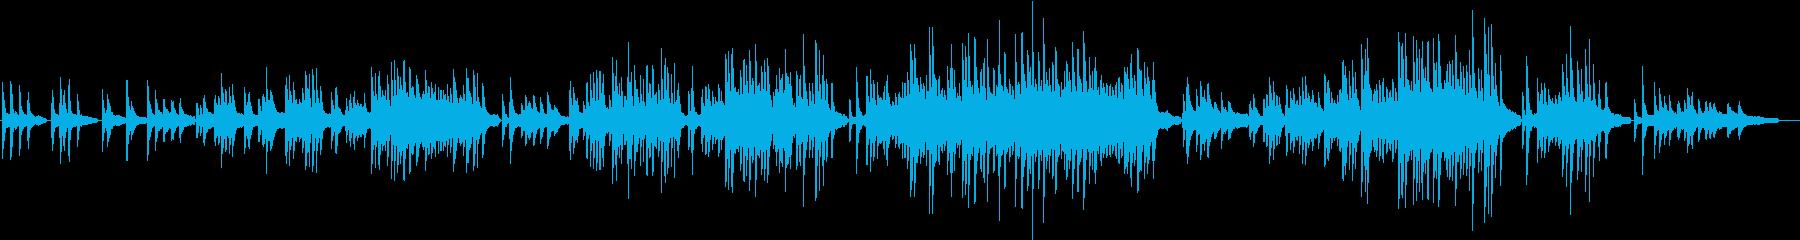 ドラマチックな朧月夜ピアノソロの再生済みの波形